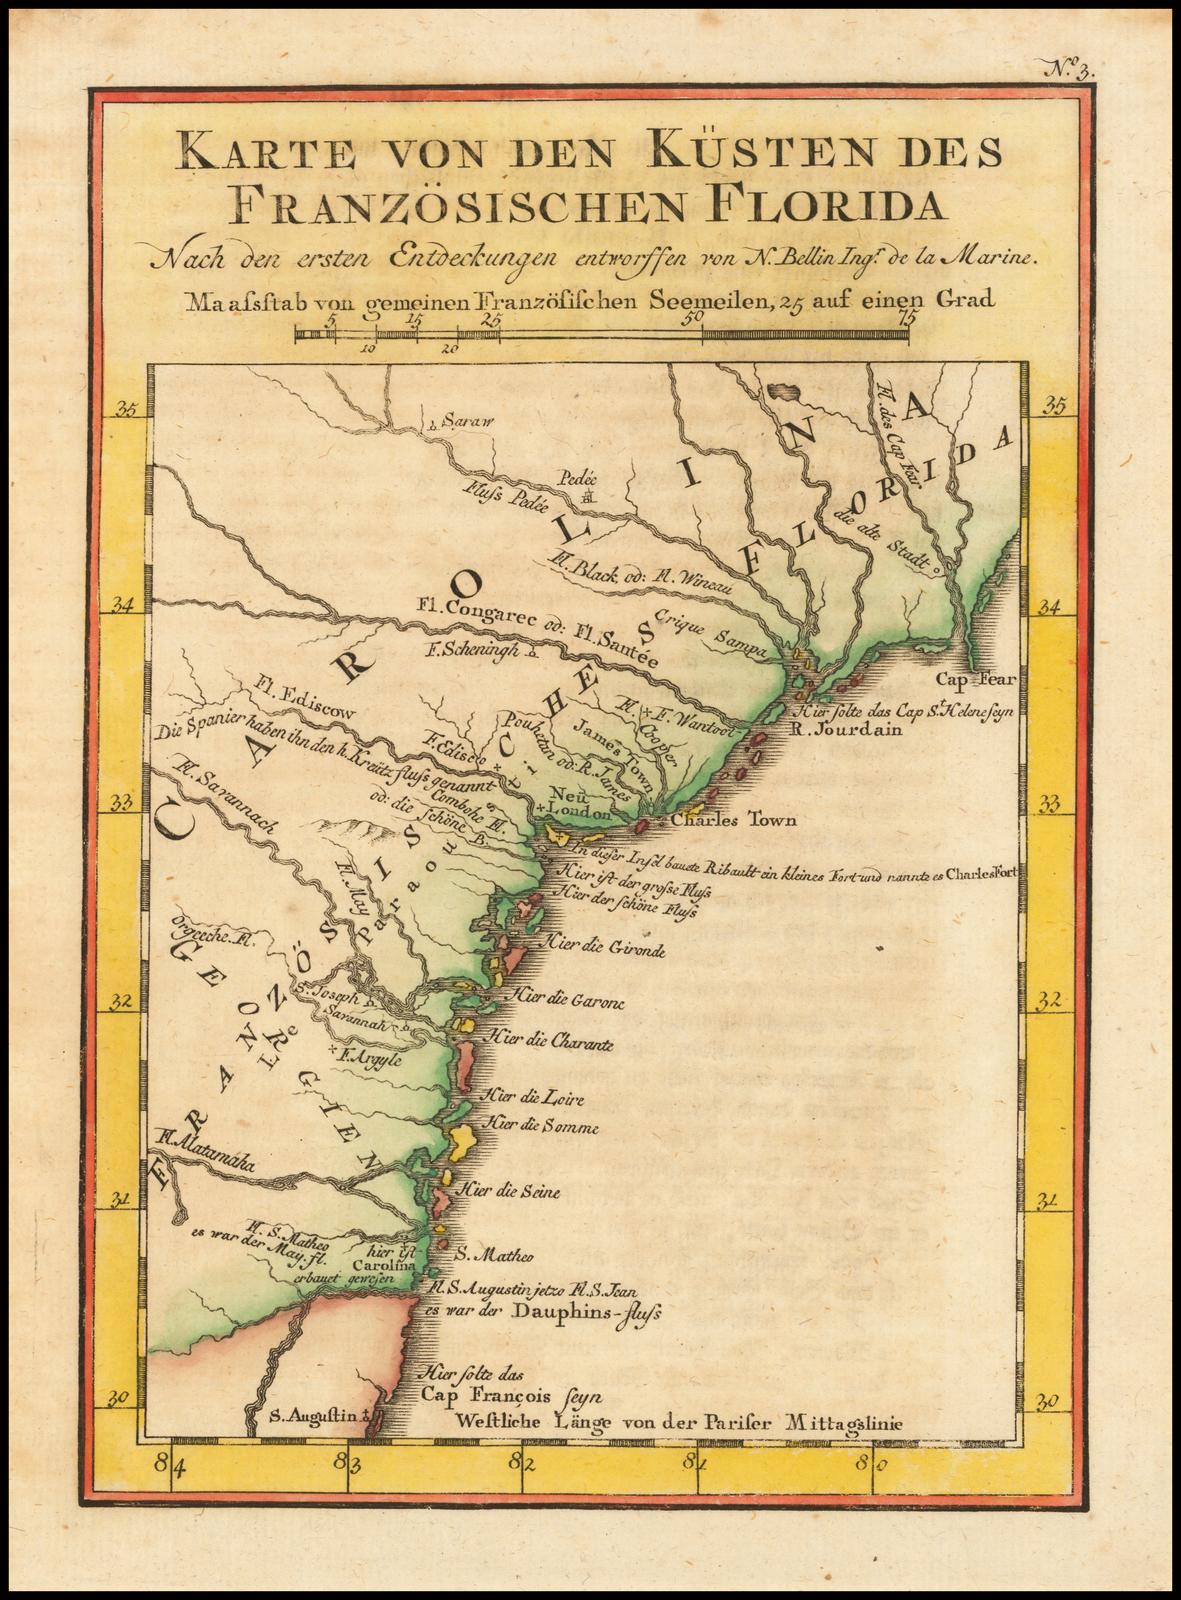 Karte Von Den Kusten Des Franzosischen Florida Barry Lawrence